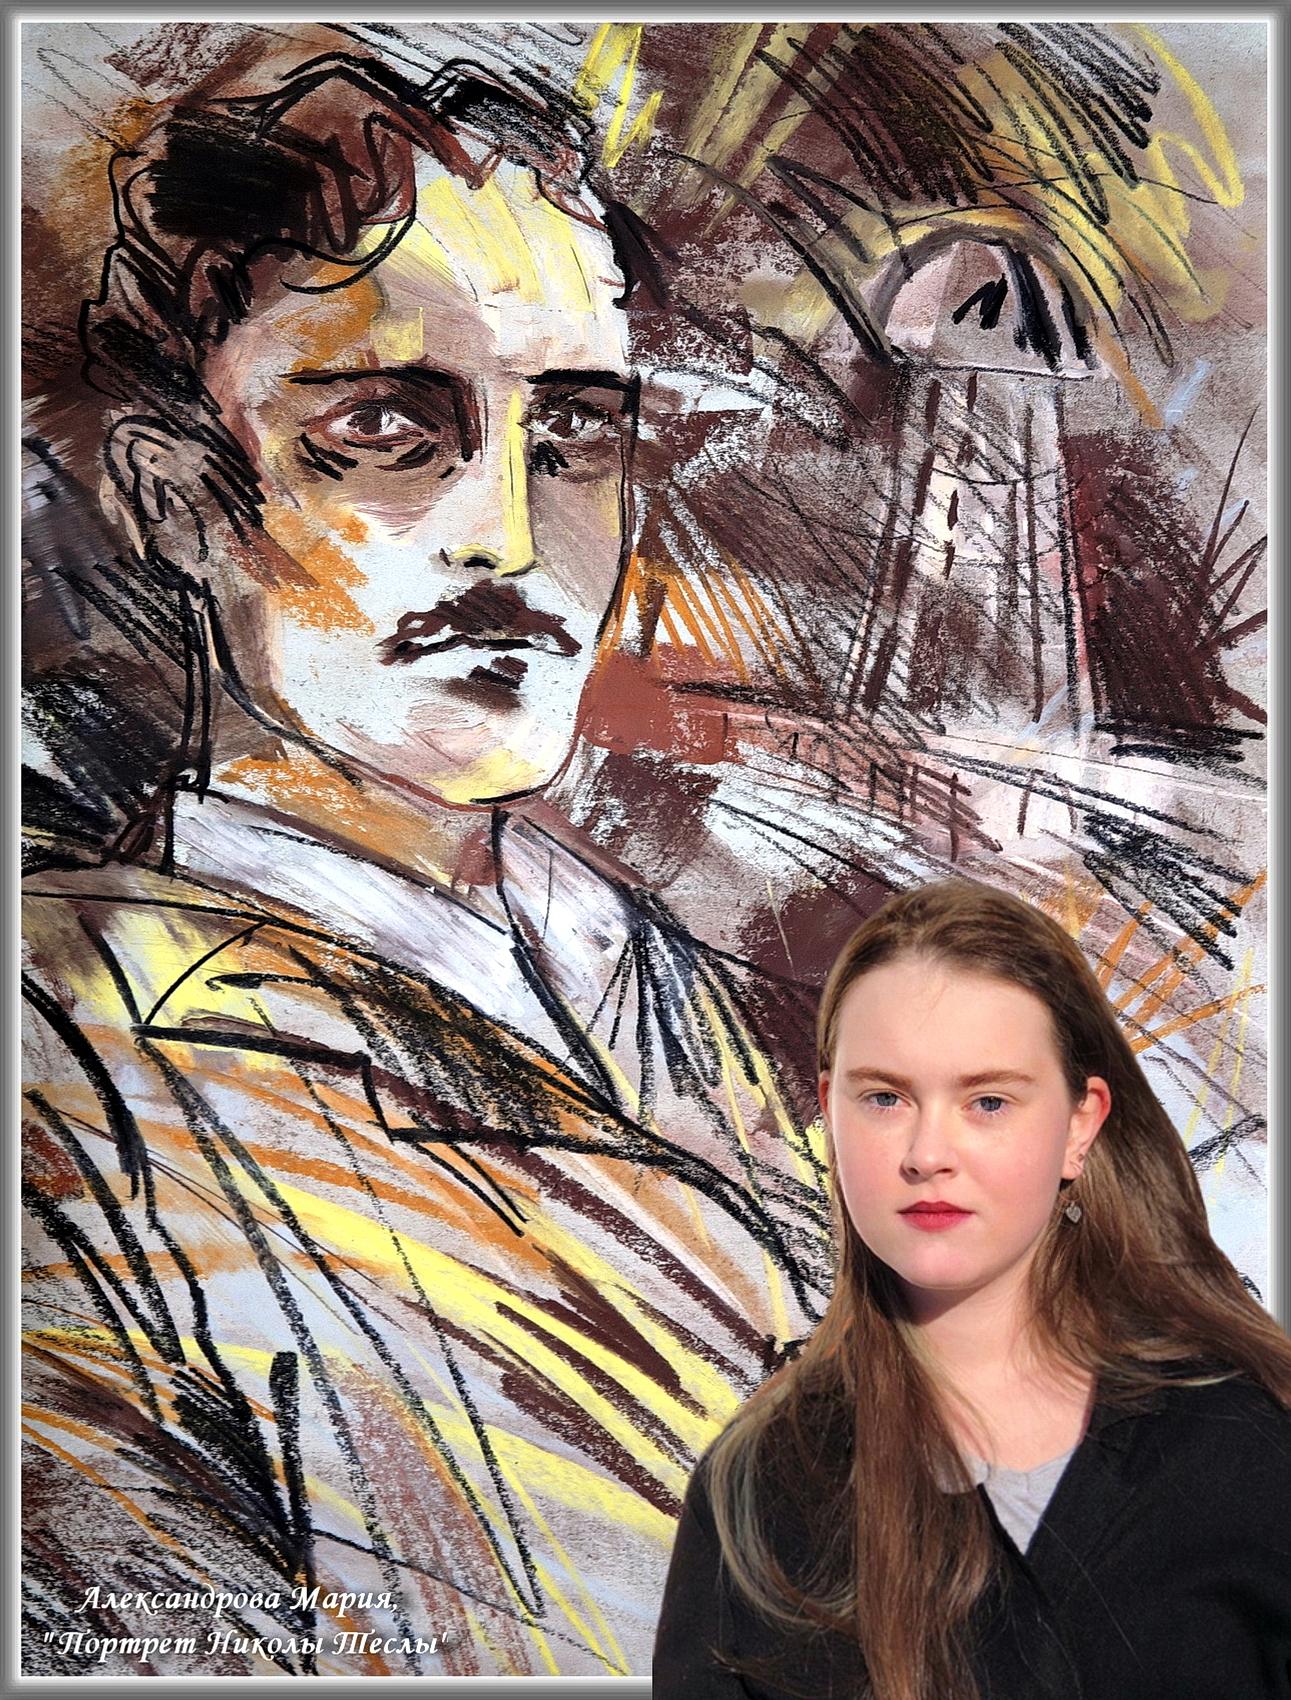 Aleksandrova-Mariya.jpg